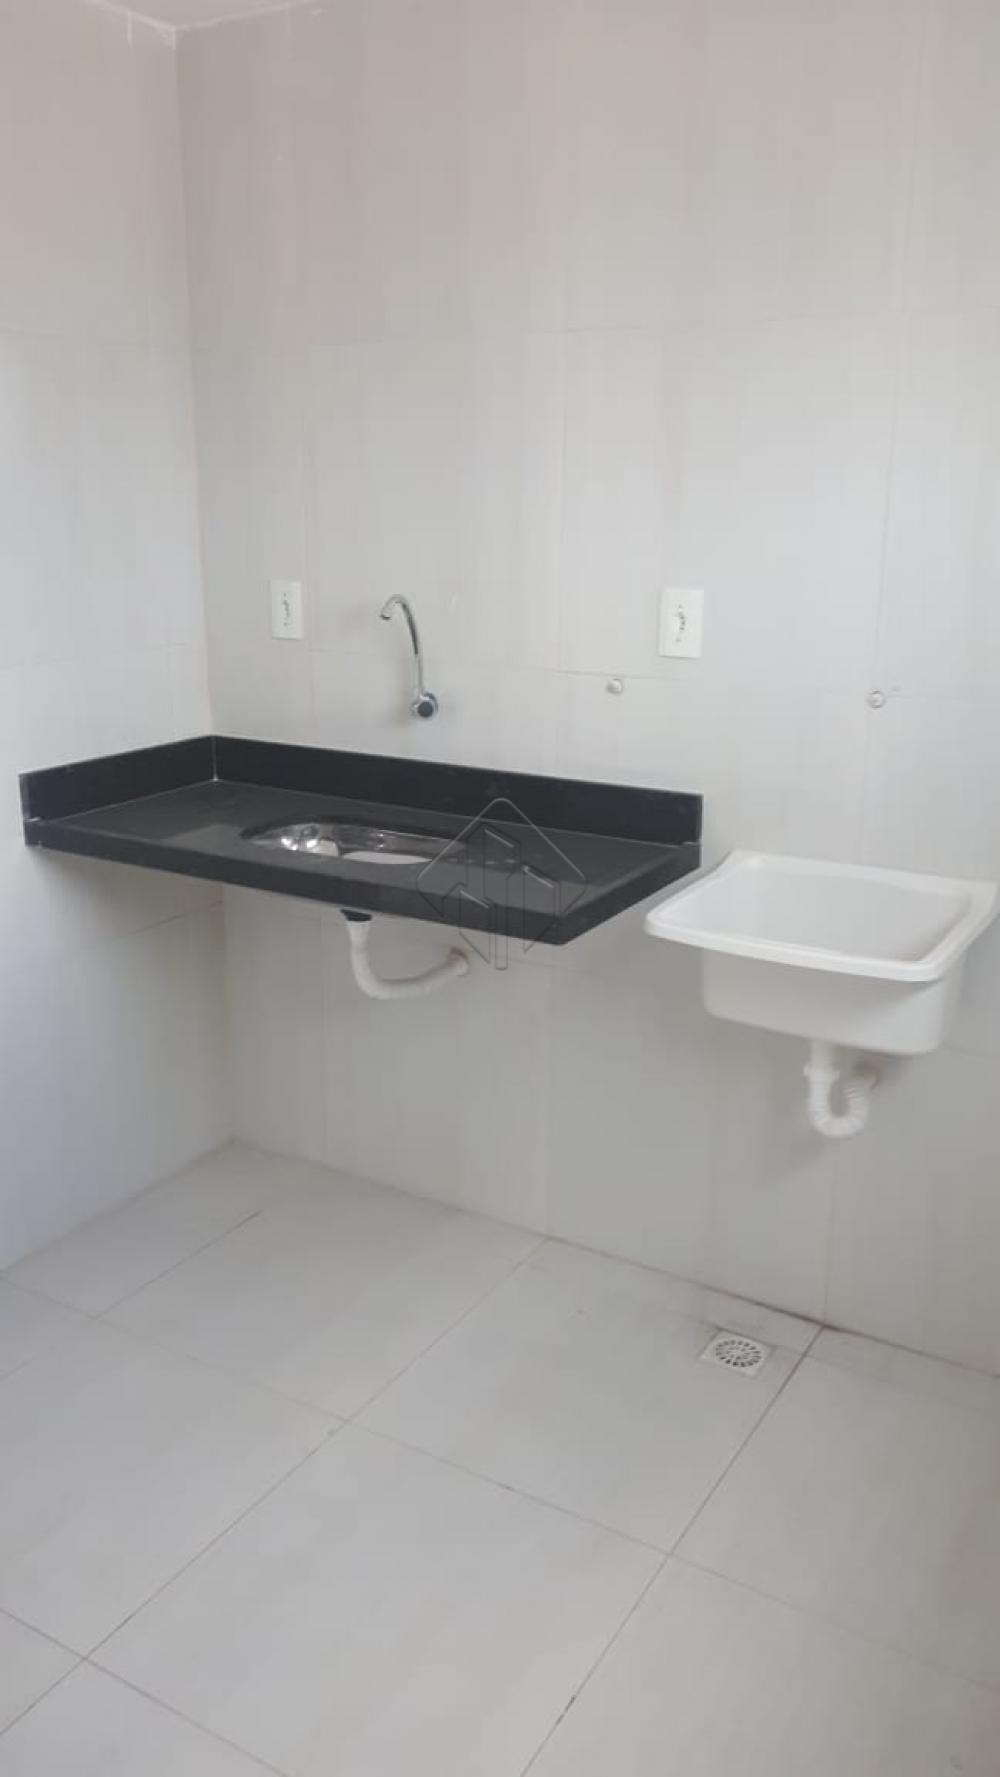 Características do imóvel:  *02 dormitórios, *01 suíte, *Sala,  * Cozinha, *Área de serviço, *Varanda *01 Vaga de garagem.  AGENDE AGORA SUA VISITA TEIXEIRA DE CARVALHO IMOBILIÁRIA CRECI 304J - (83) 2106-4545